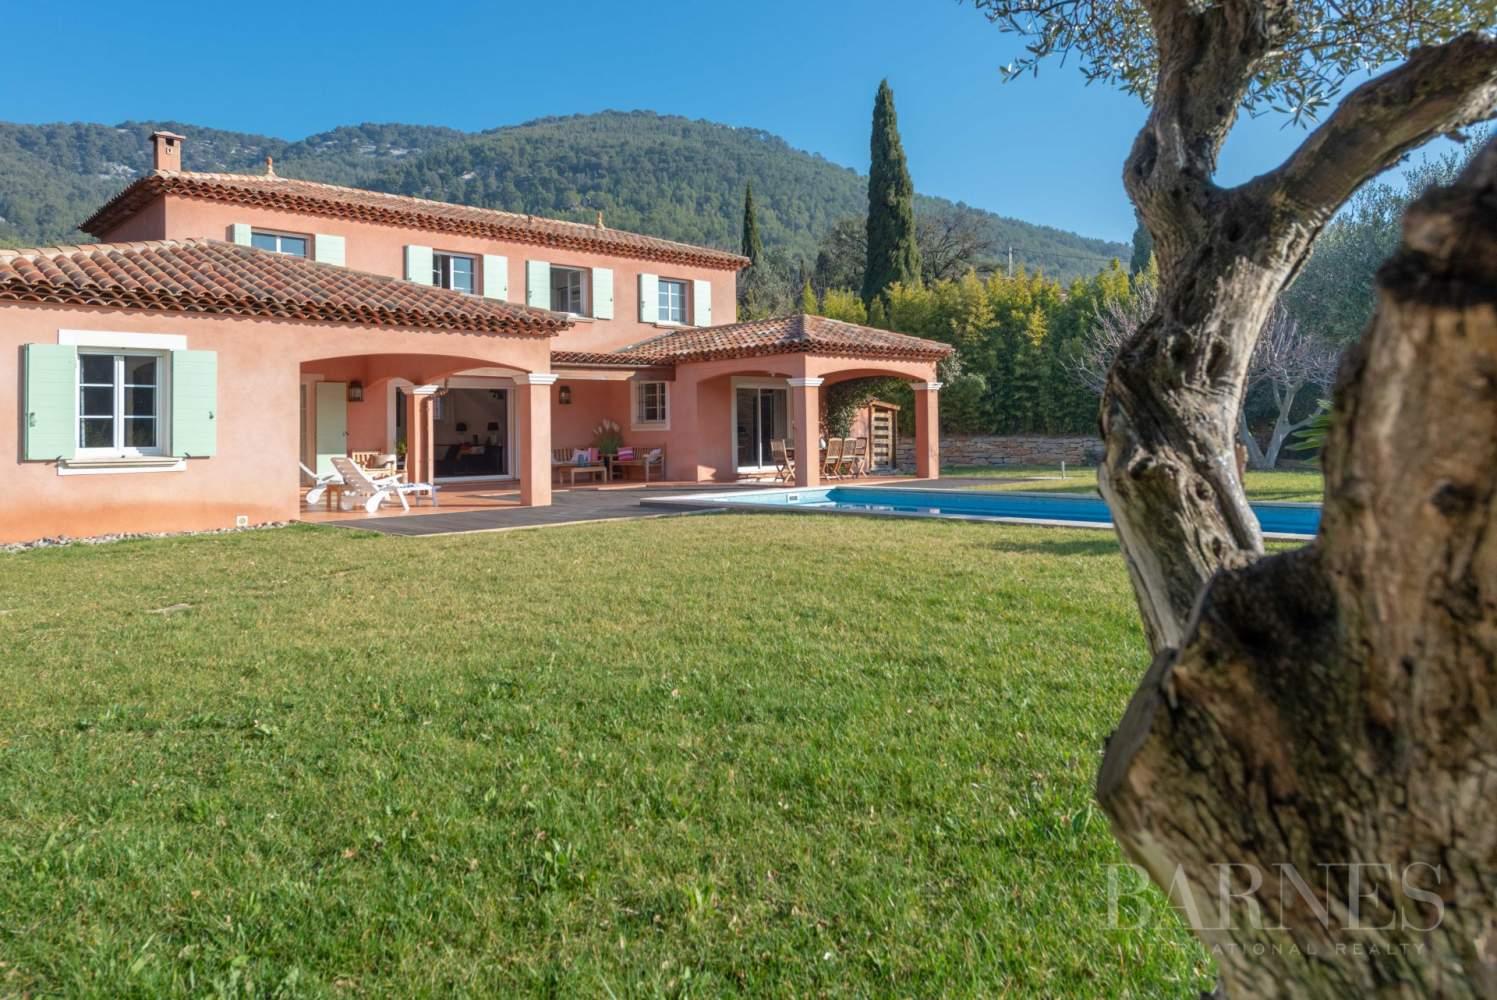 Sanary - Secteur du Lançon - villa 200m² - piscine - terrain 2197 m² picture 1